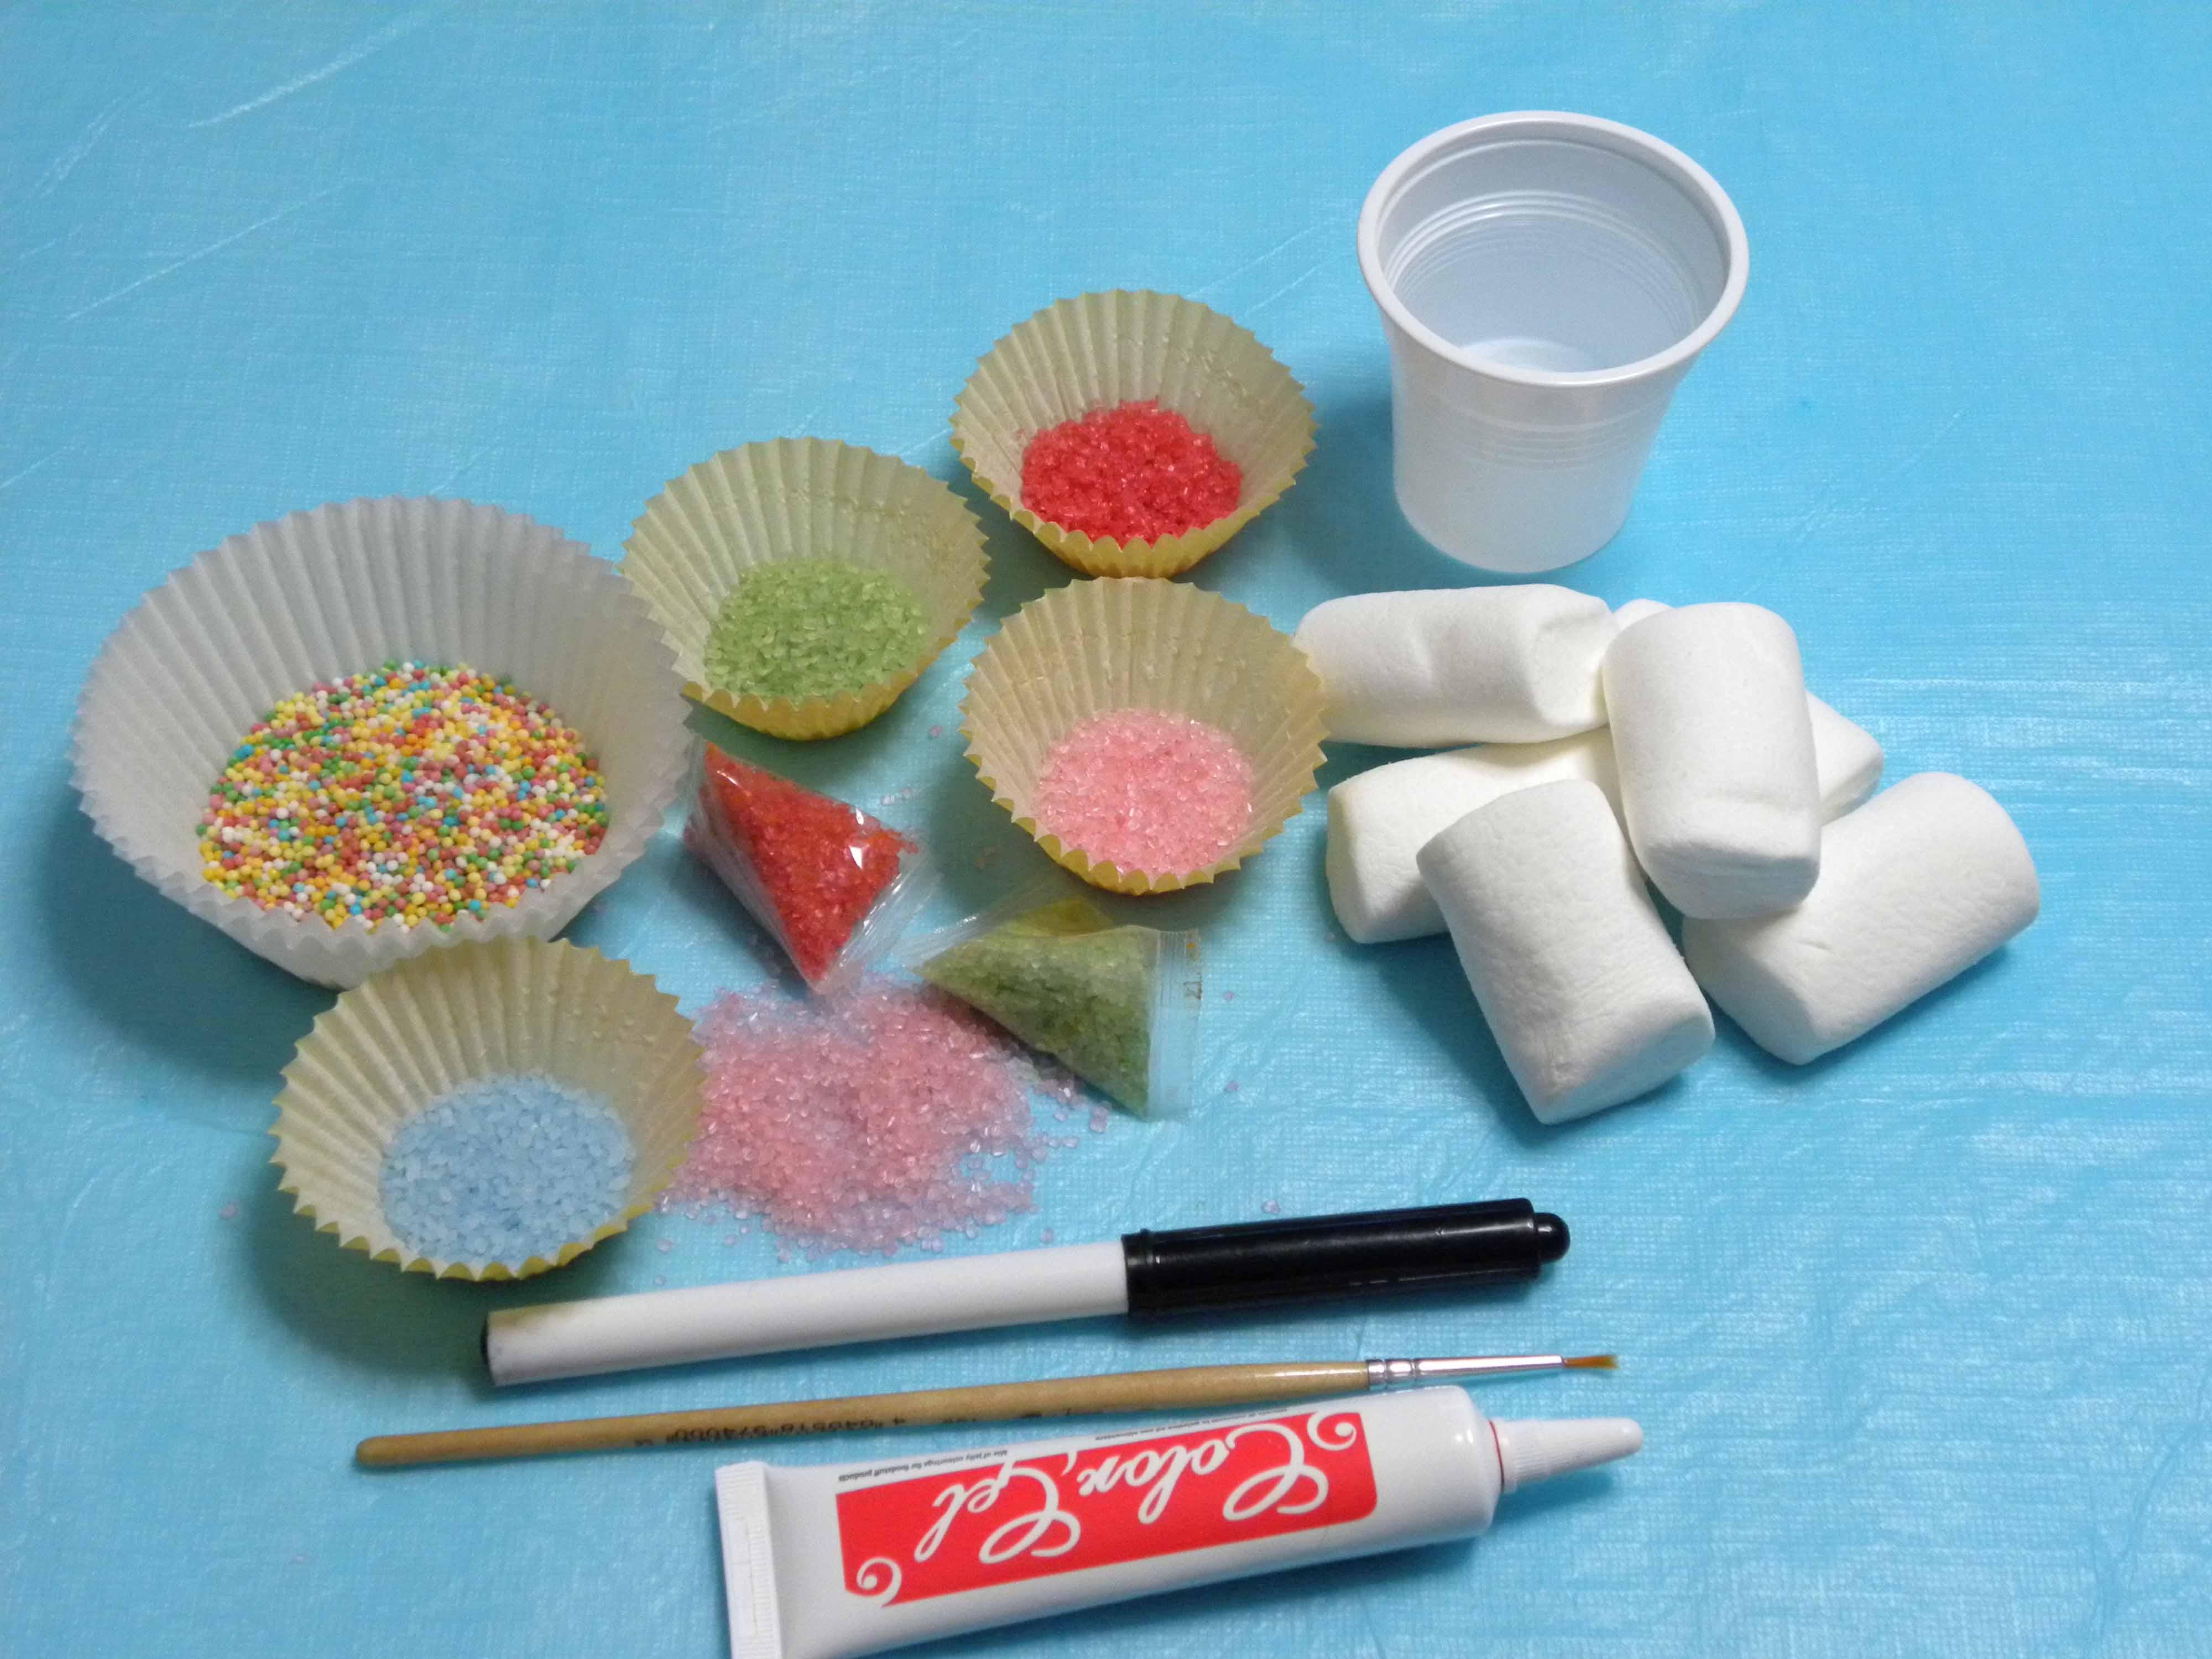 Ingredienti per i Clown di Marshmallows